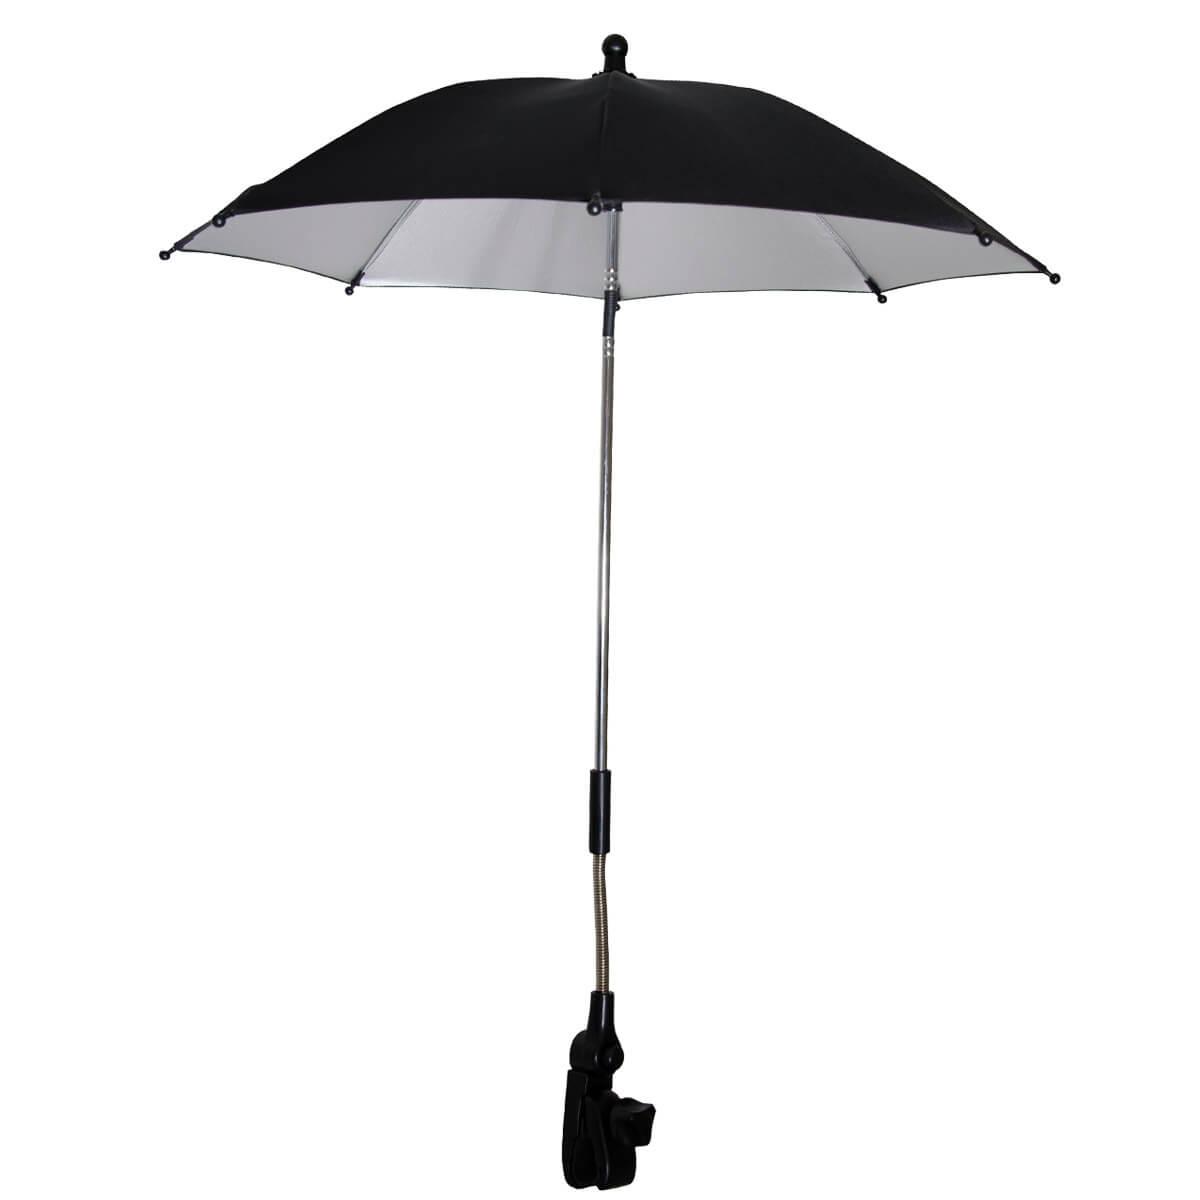 Stroller-Umbrella2 15 Unusual Umbrellas Design Trends in 2018